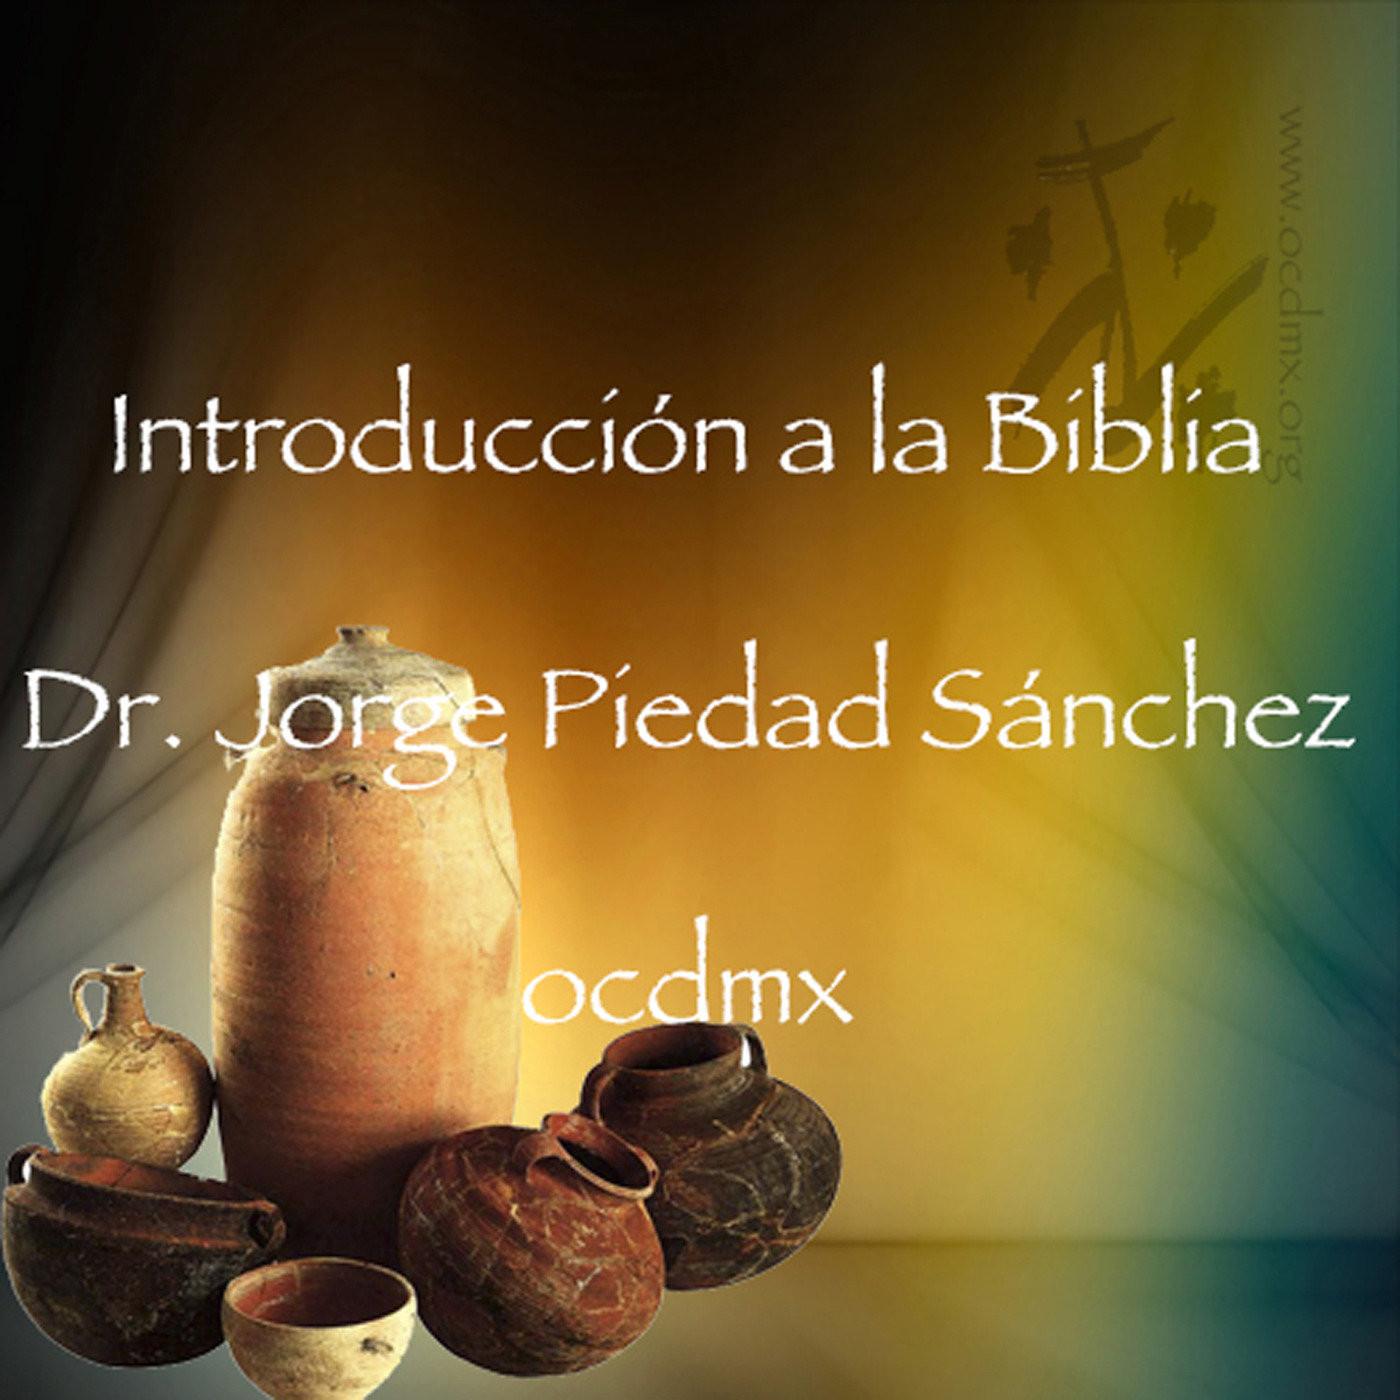 <![CDATA[Introducción a la Biblia, Dr. Jorge Piedad Sánchez]]>